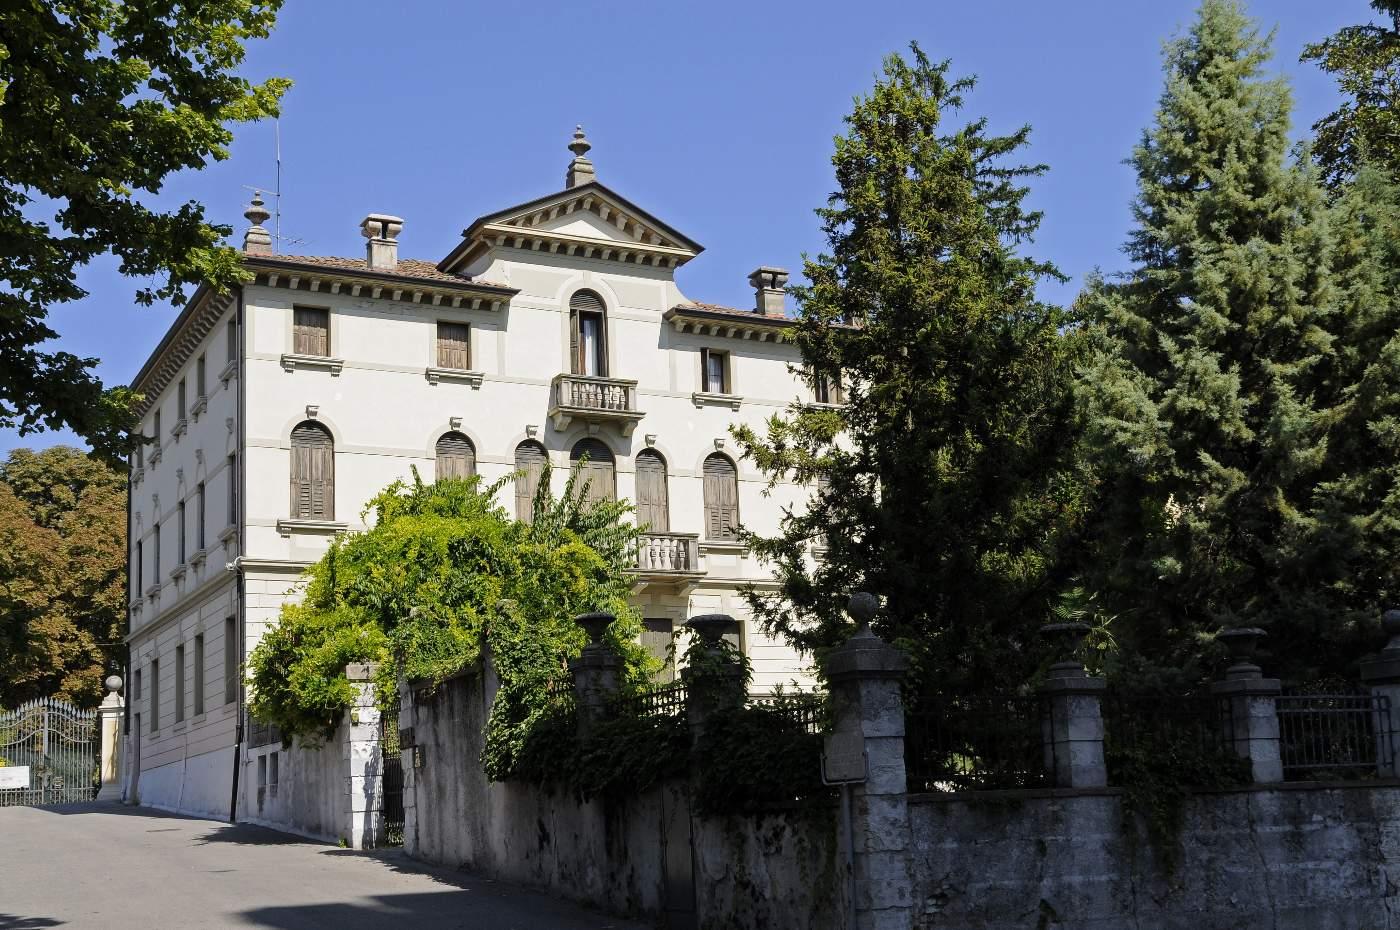 Conegliano-villa fabris giavi